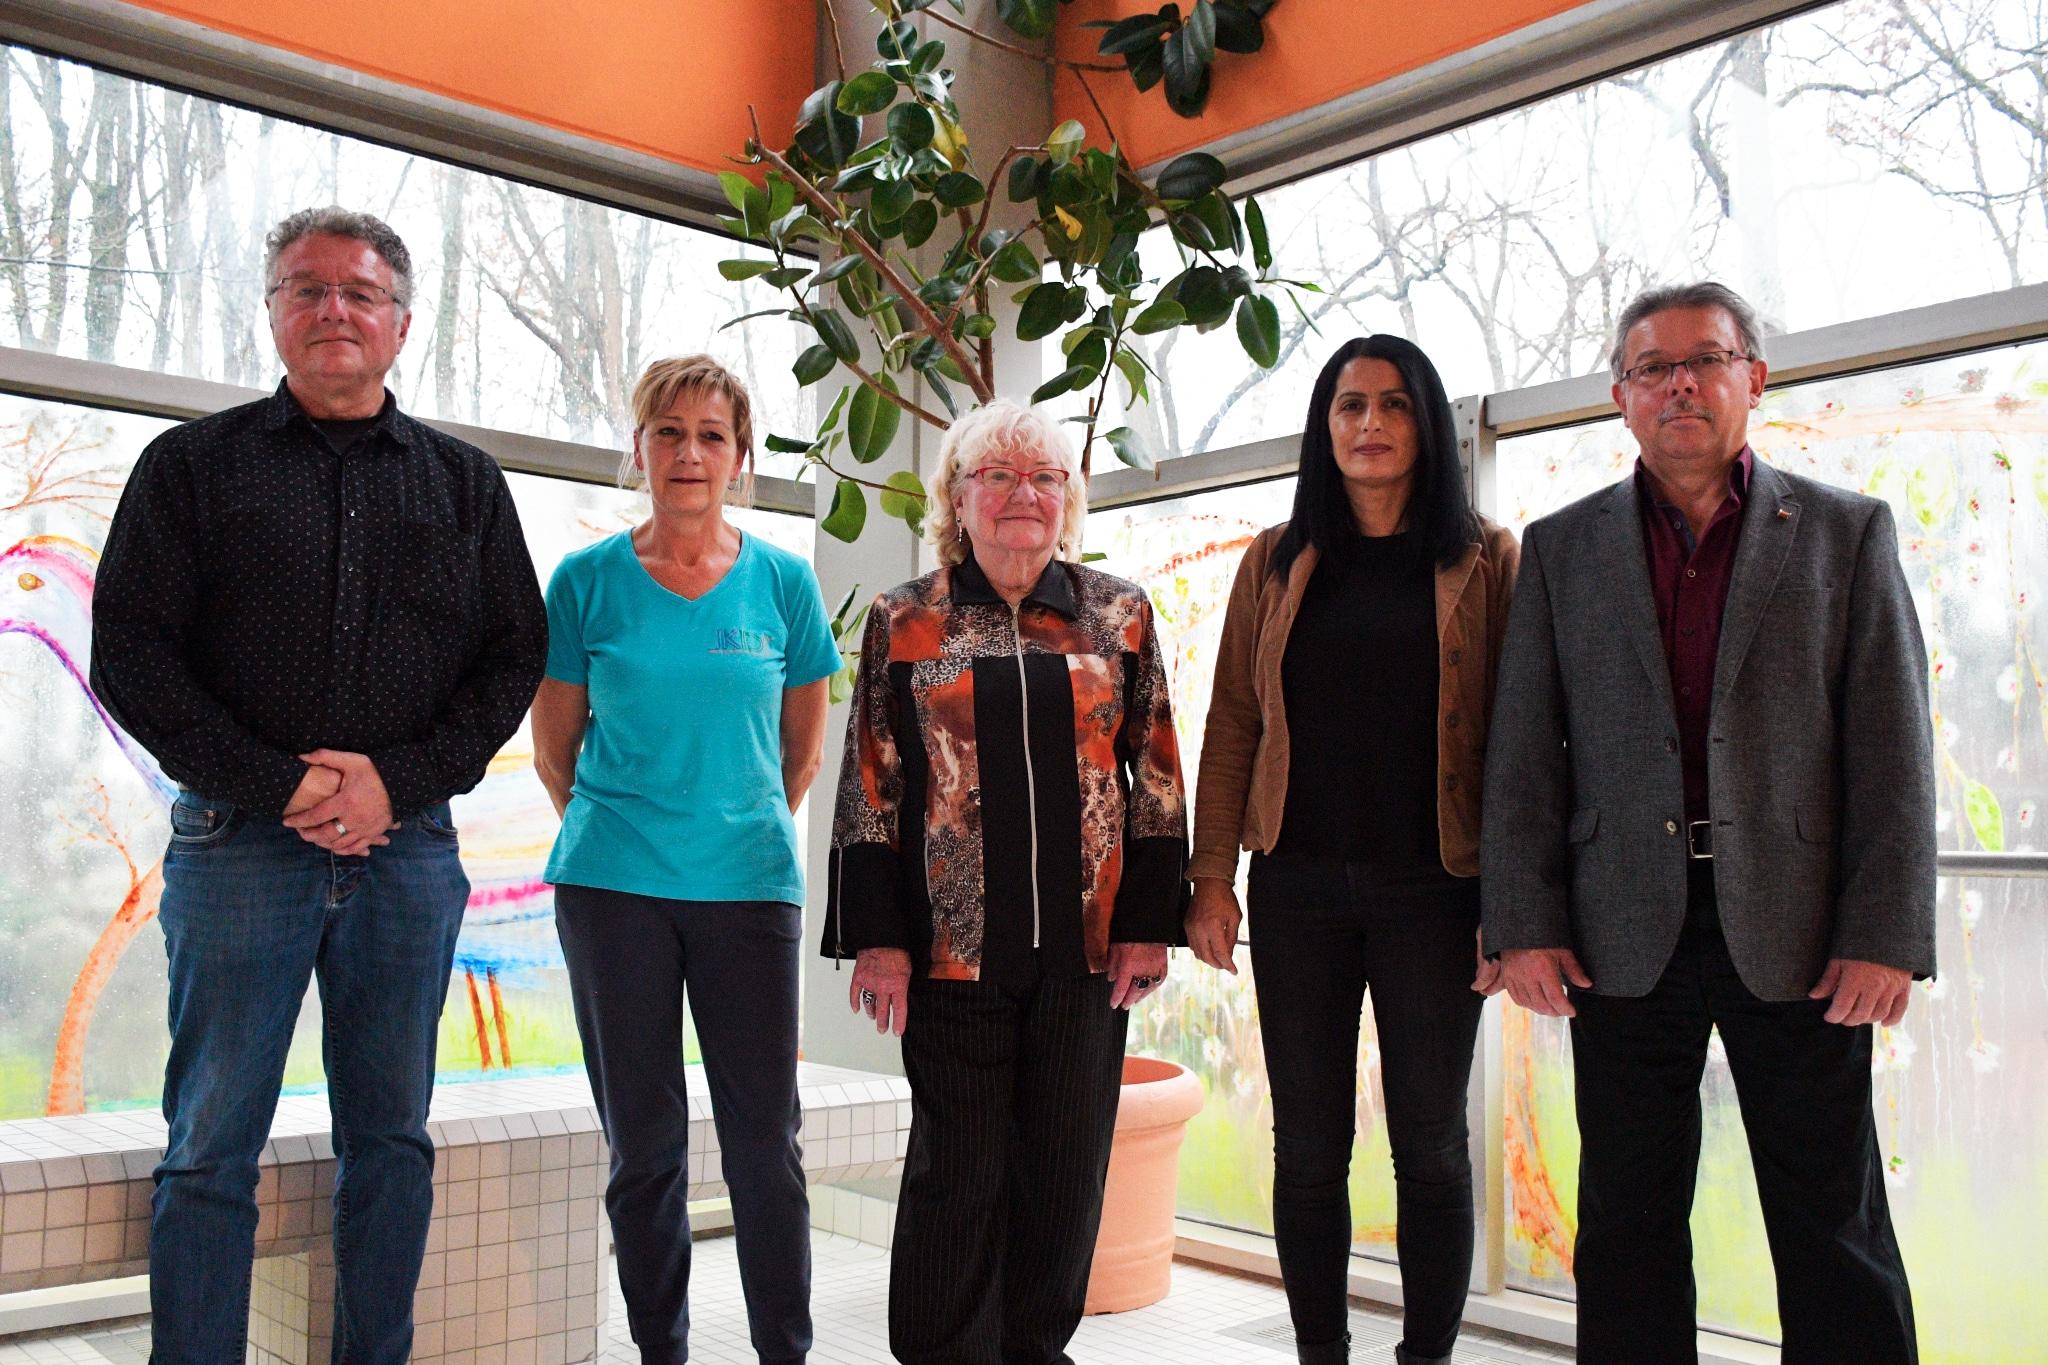 V.l.n.r: Herr Huppert (Stadtwerke Sulzbach), Frau Heupp (Bäderteams) Frau Wagner (Spenderin), Sonny vom Bistro Relax und Herr Bosel von der KDI